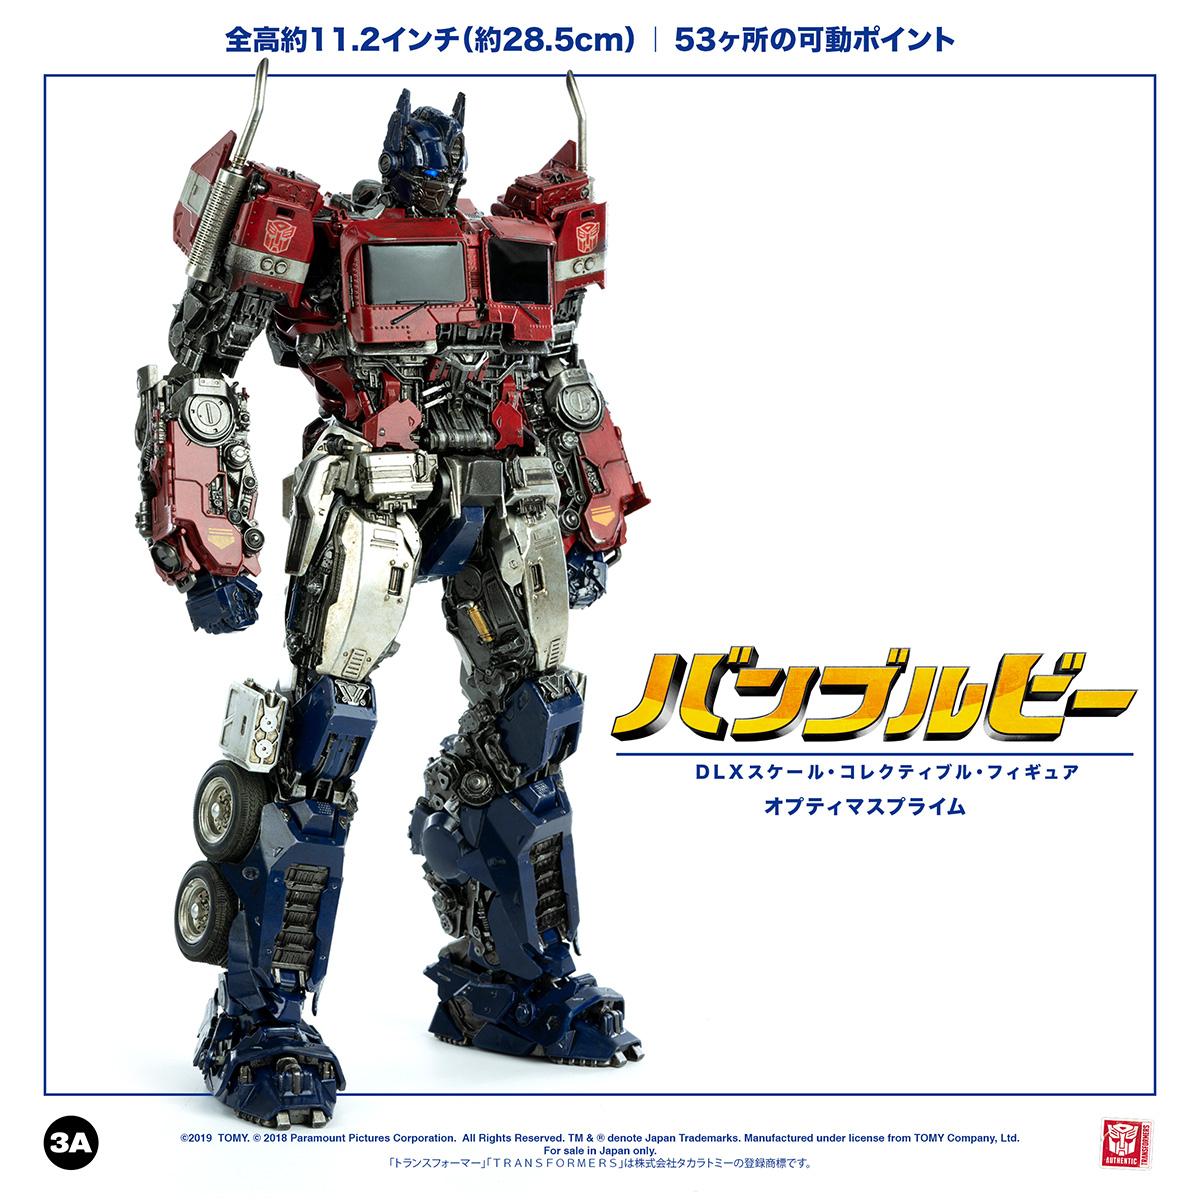 OP_DLX_JAP_5908.jpg